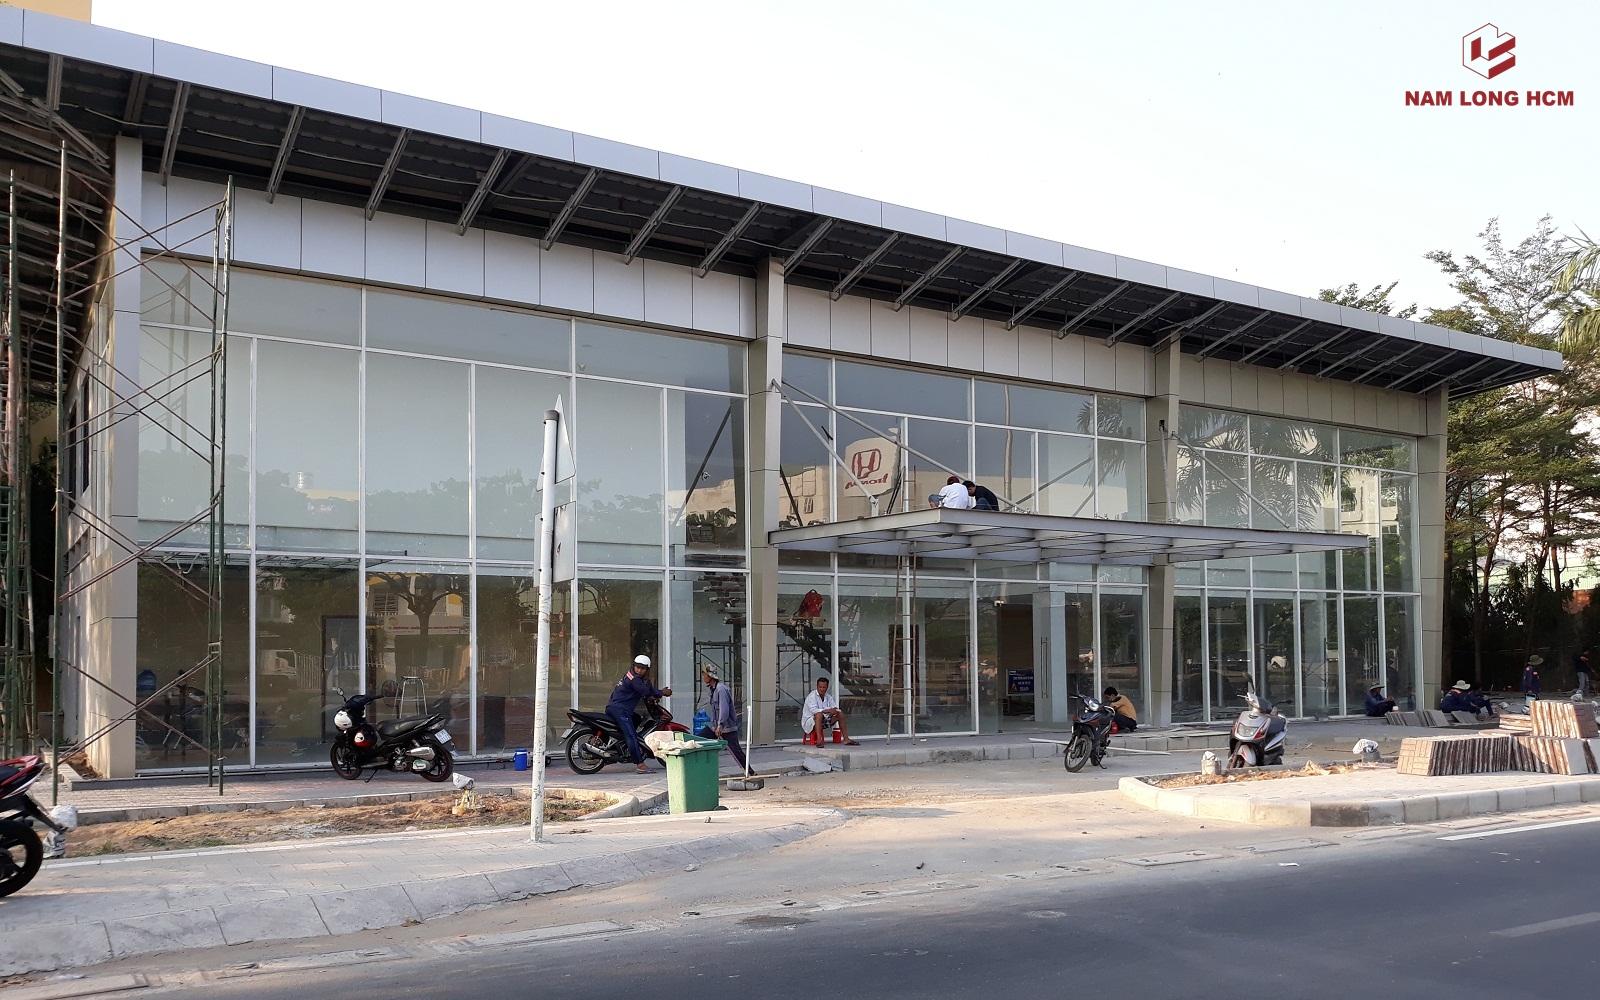 Đơn vị xây dựng đang thi công nhà mẫu dự án Akari City Bình Tân. Ảnh: Nam Long HCM